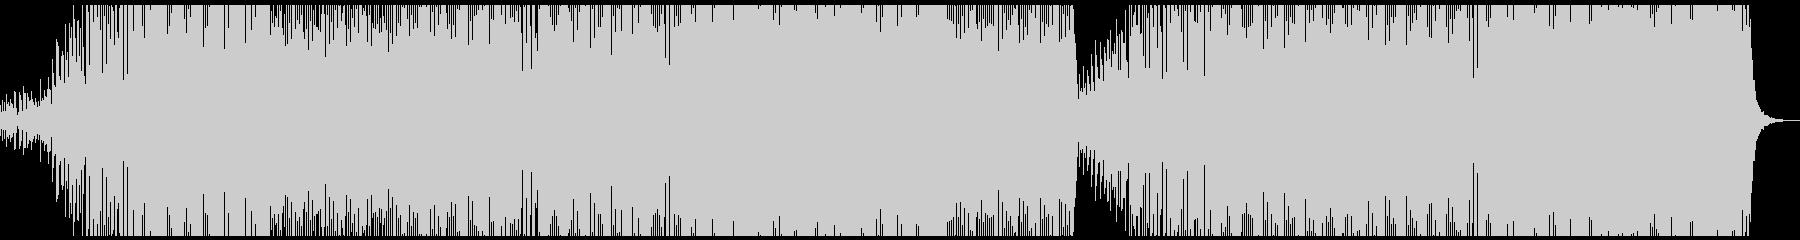 ハッピーポップの未再生の波形